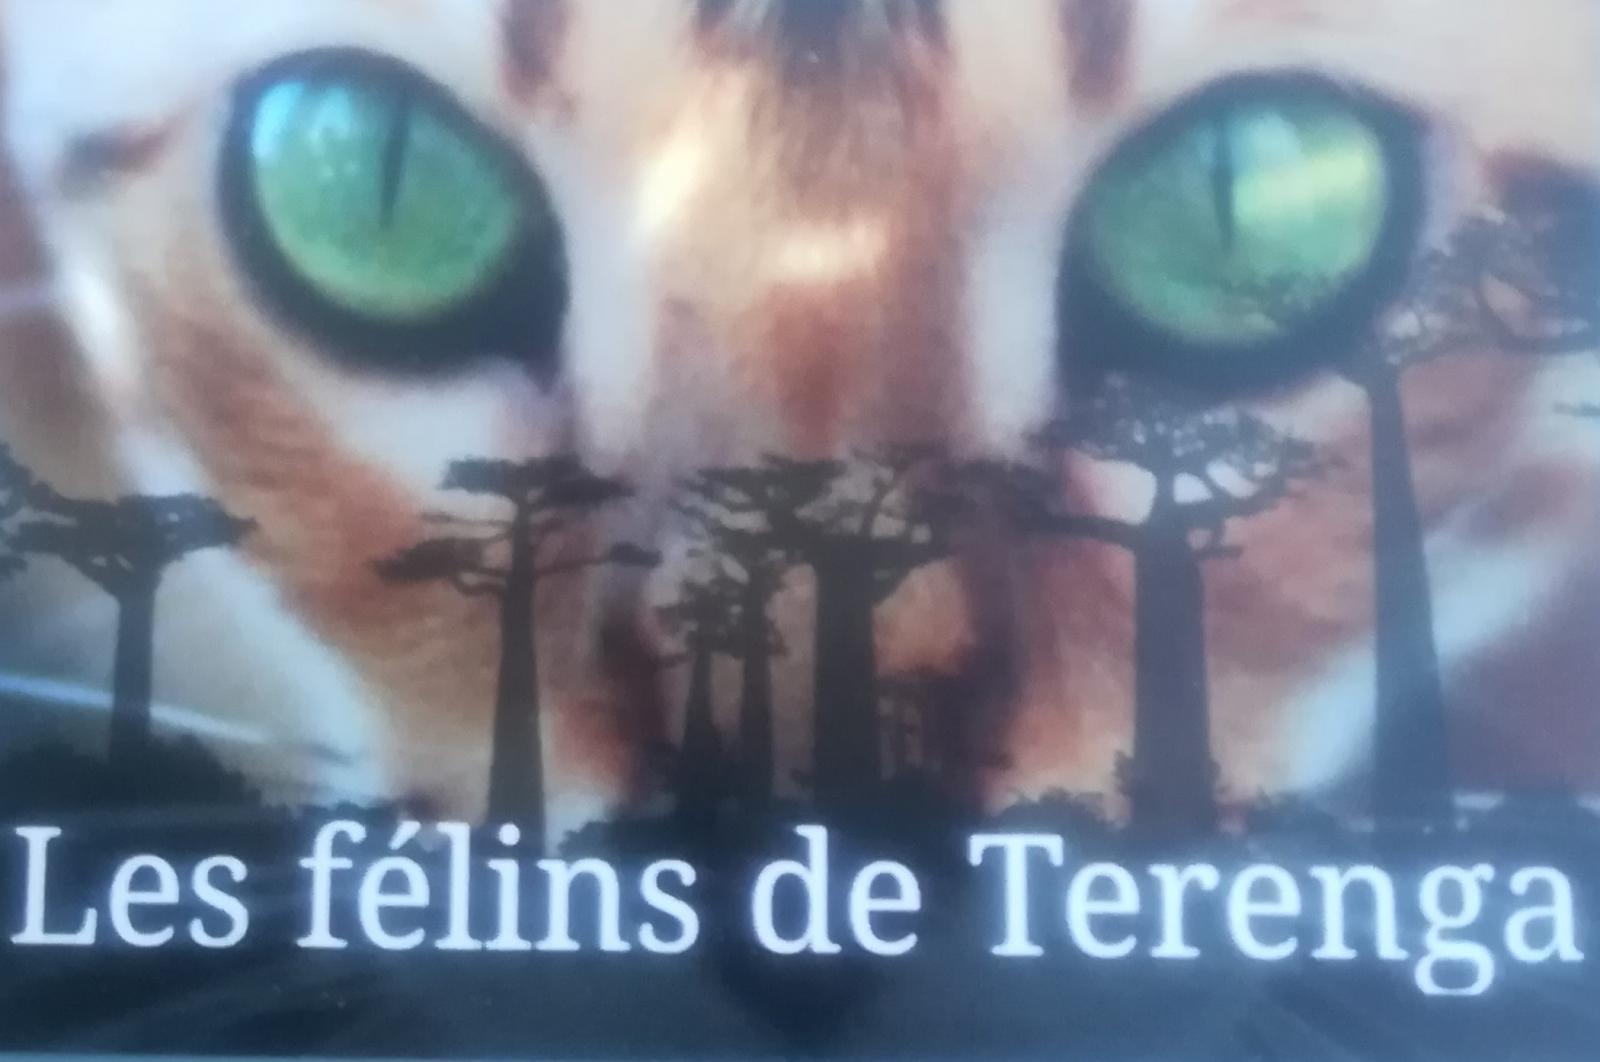 Les Félins De Terenga